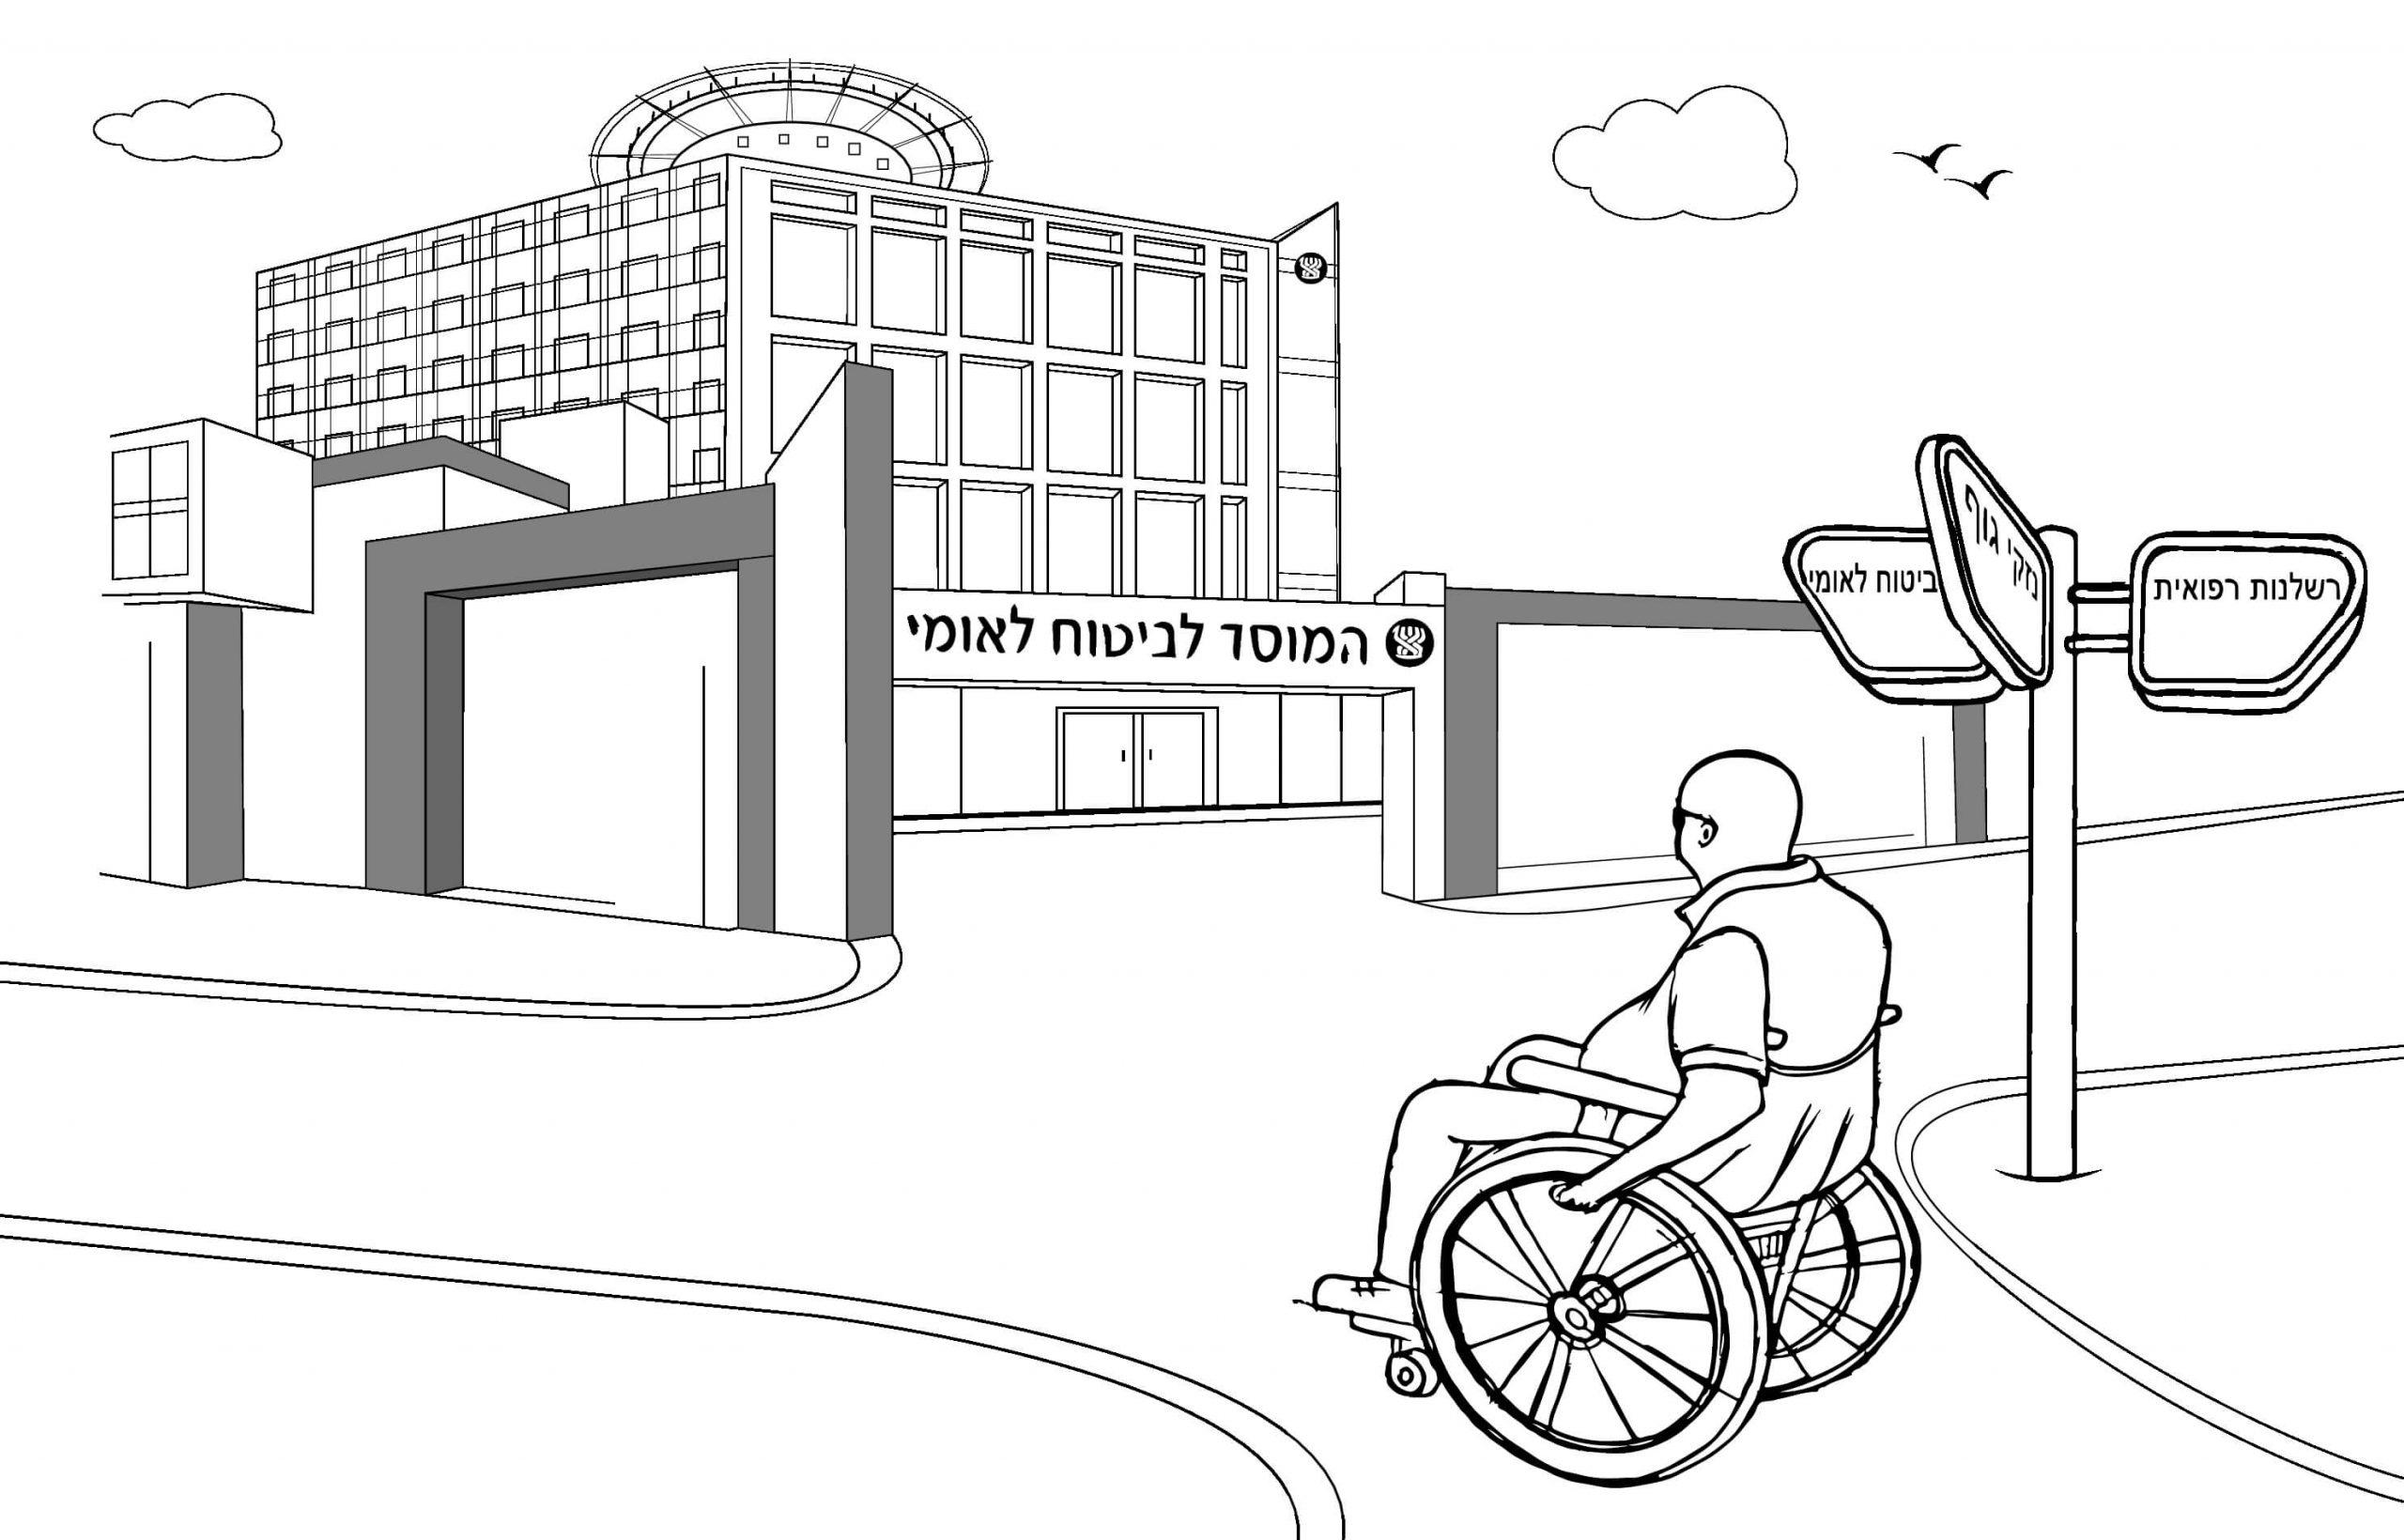 רשלנות רפואית במעקב רפואי